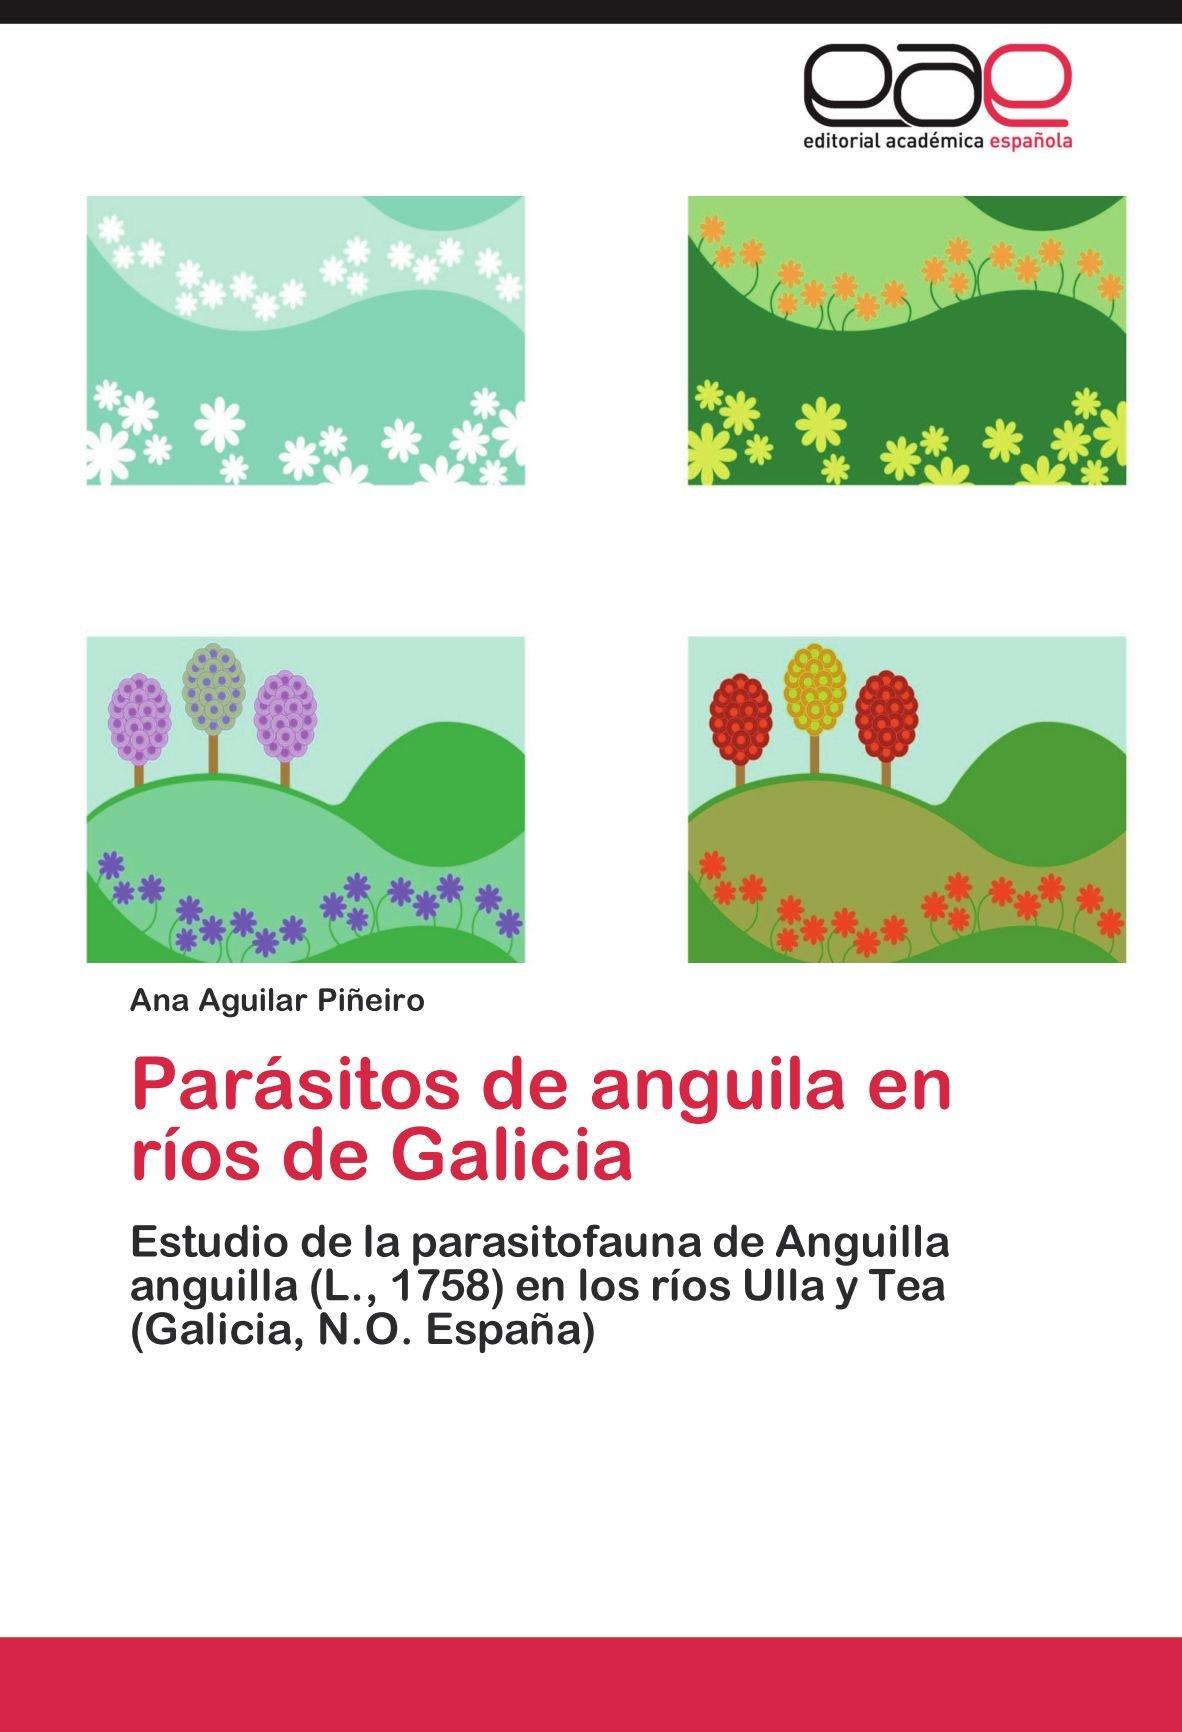 Parásitos de anguila en ríos de Galicia: Amazon.es: Aguilar Piñeiro Ana: Libros